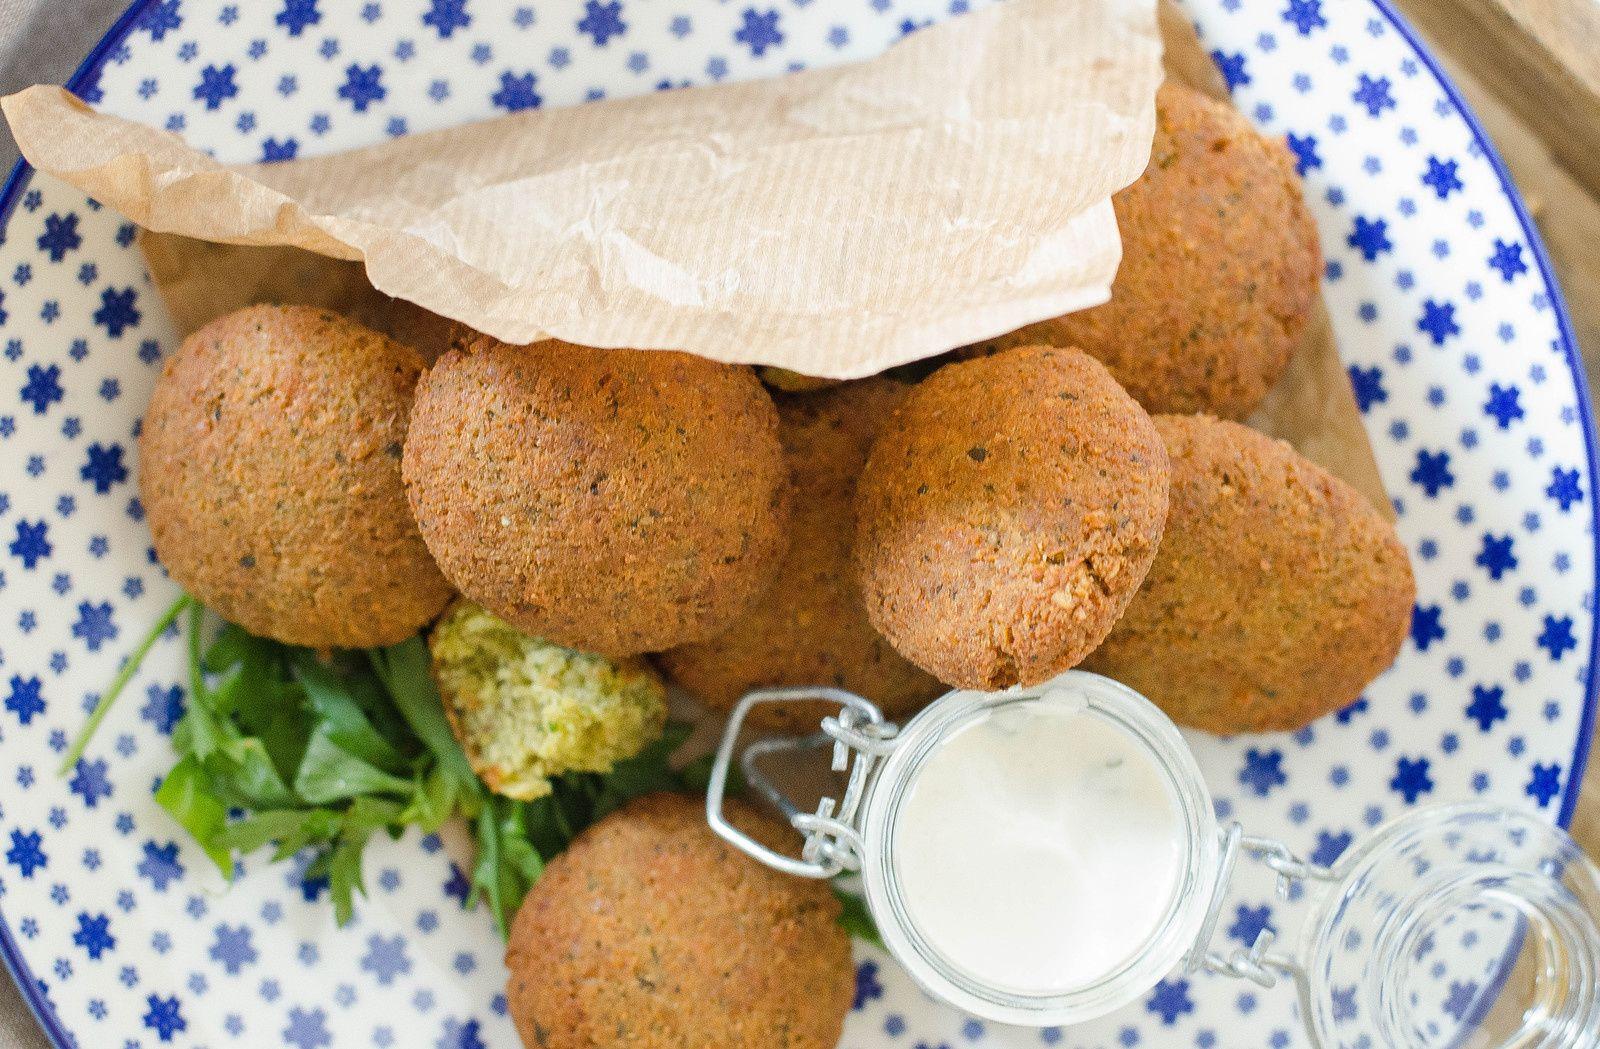 Falafels et sauce au tahin essayer recette cuisine libanaise et mezze - Recette cuisine libanaise mezze ...